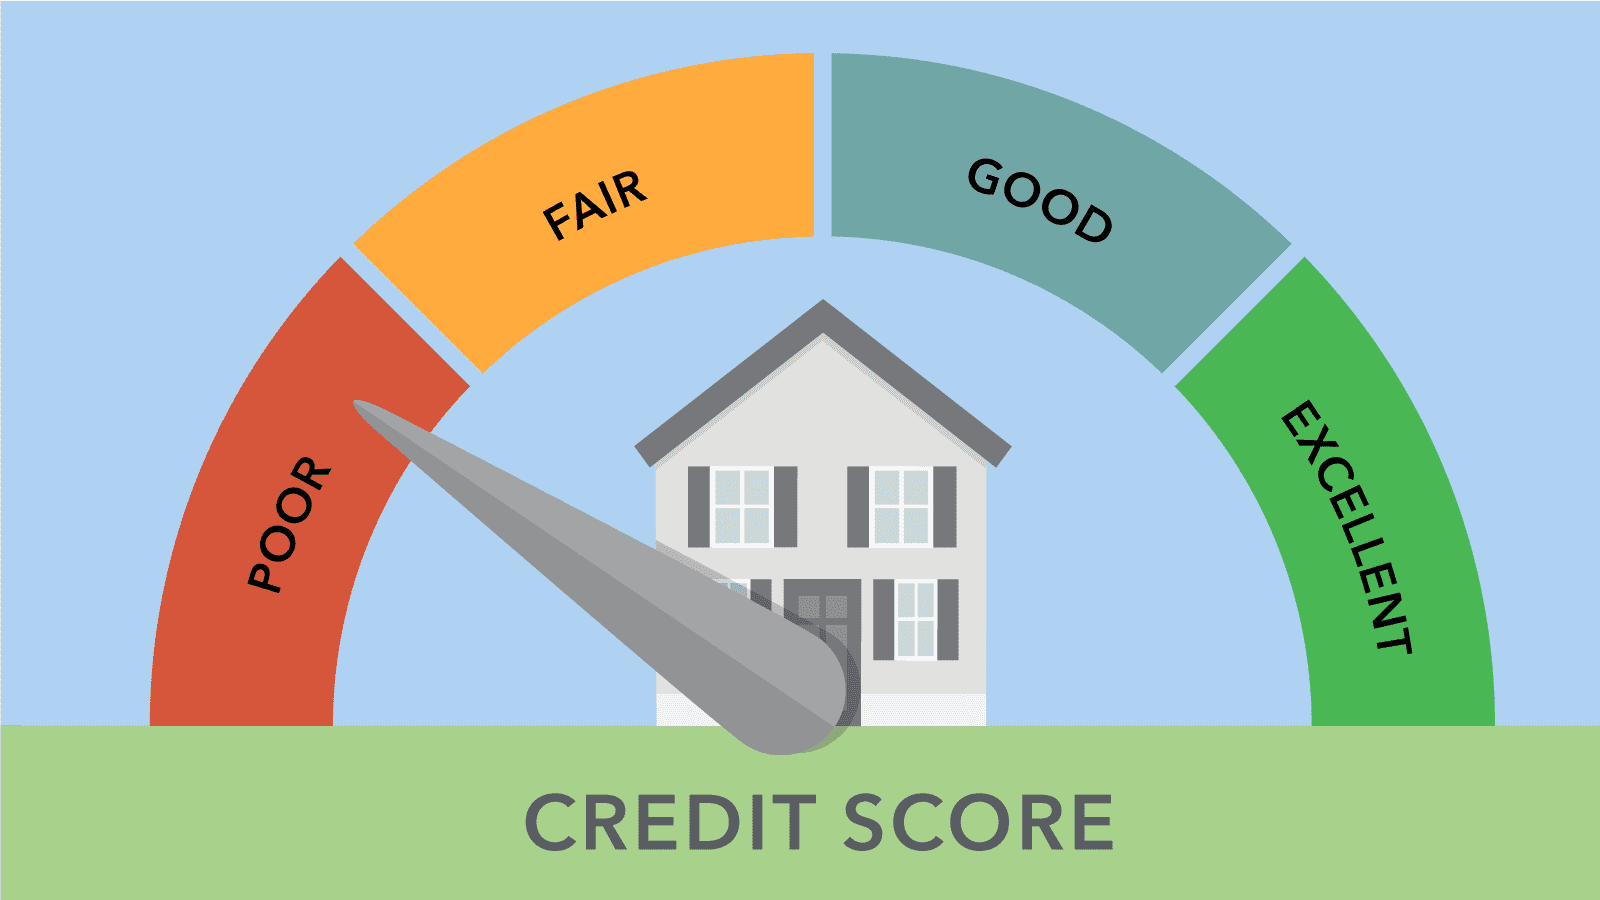 Make-an-appropriate-arrangement-for-credit-reimbursing